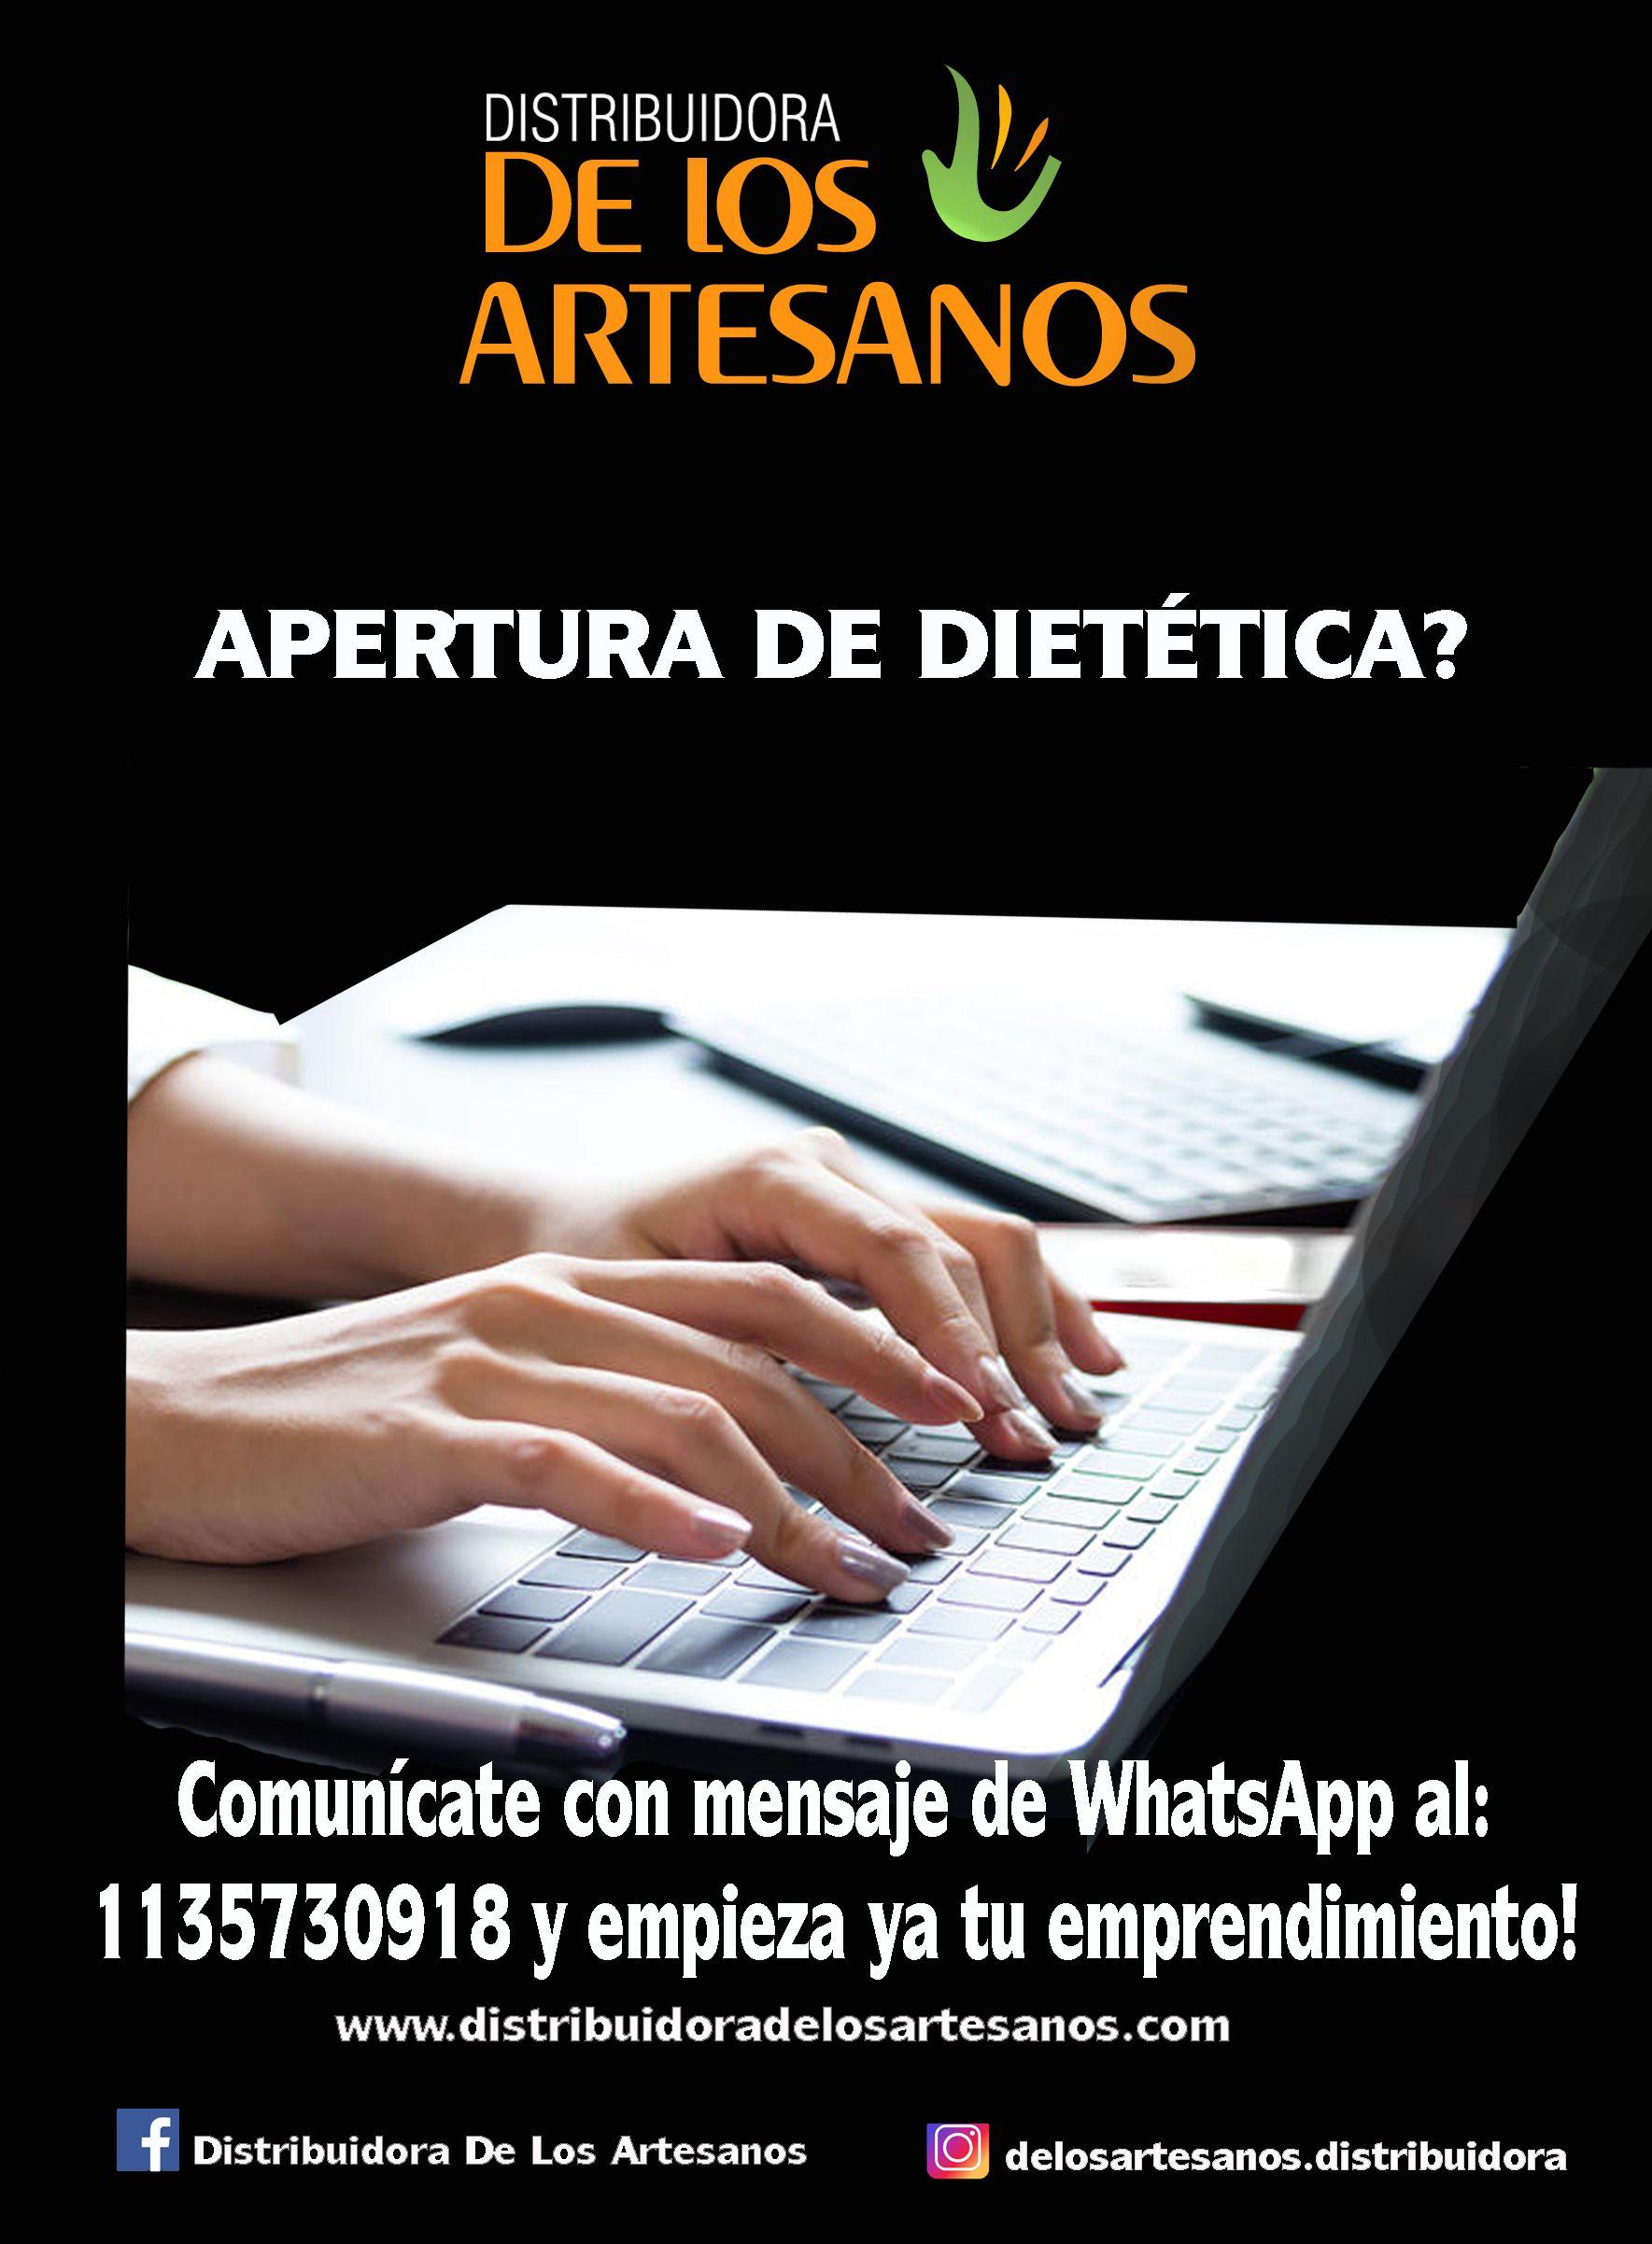 Productos Saludables Y Precios Competitivos Mayorista De Dieteticas De Los Artesanos Envios Productos Para Diabeticos Artesanos Mayorista